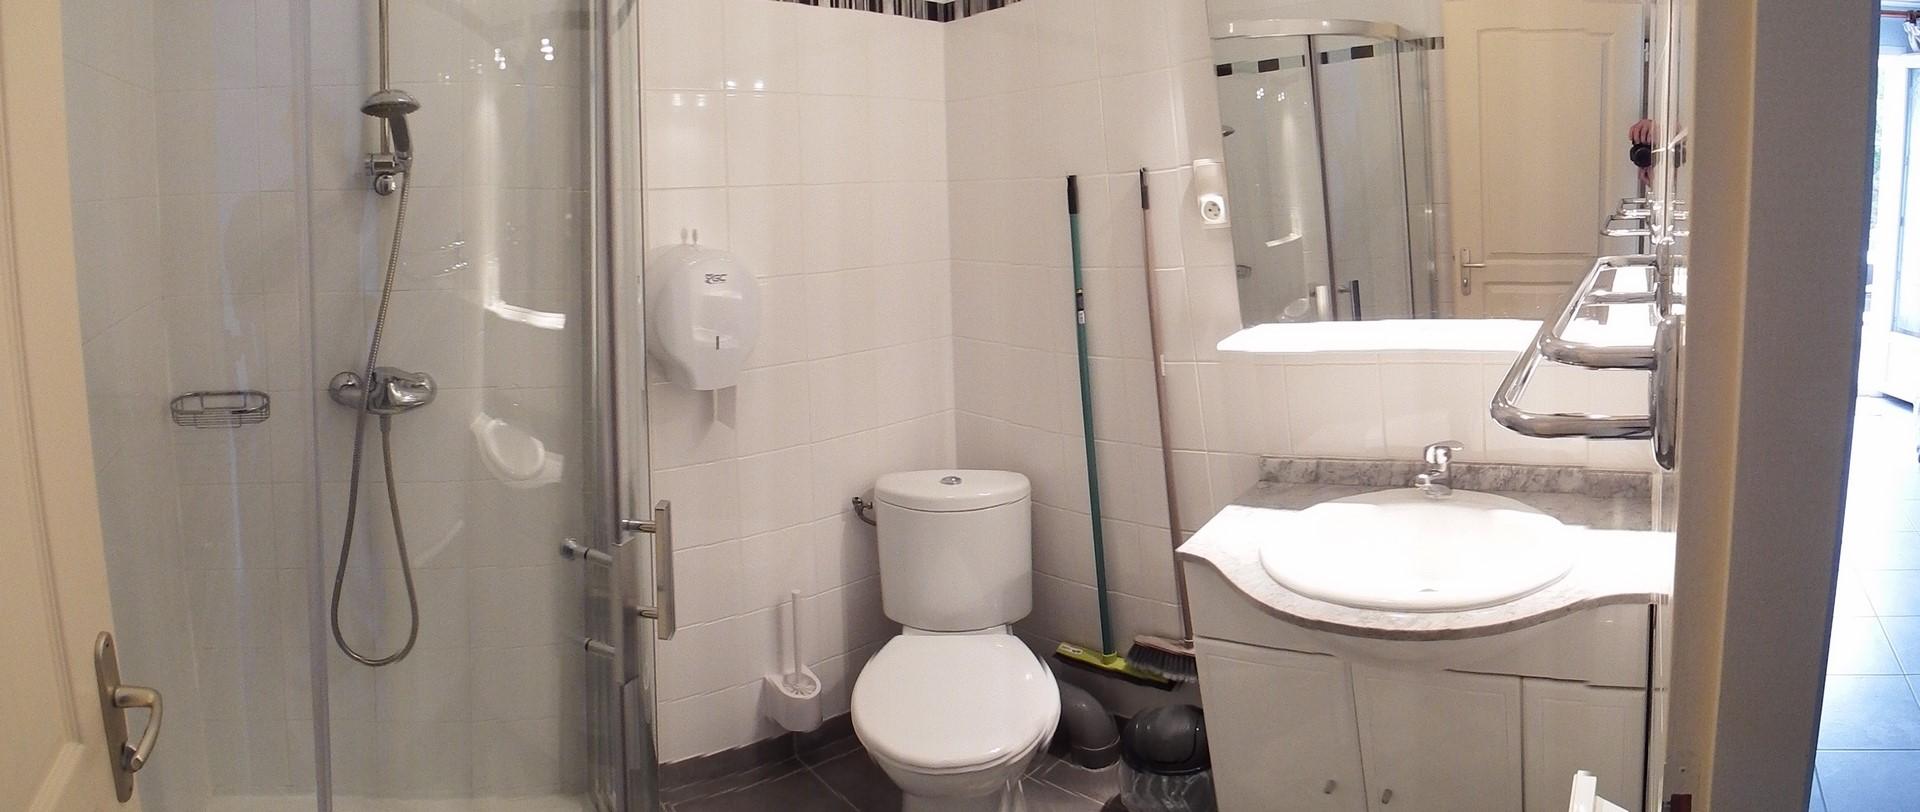 Salle de bain ch5